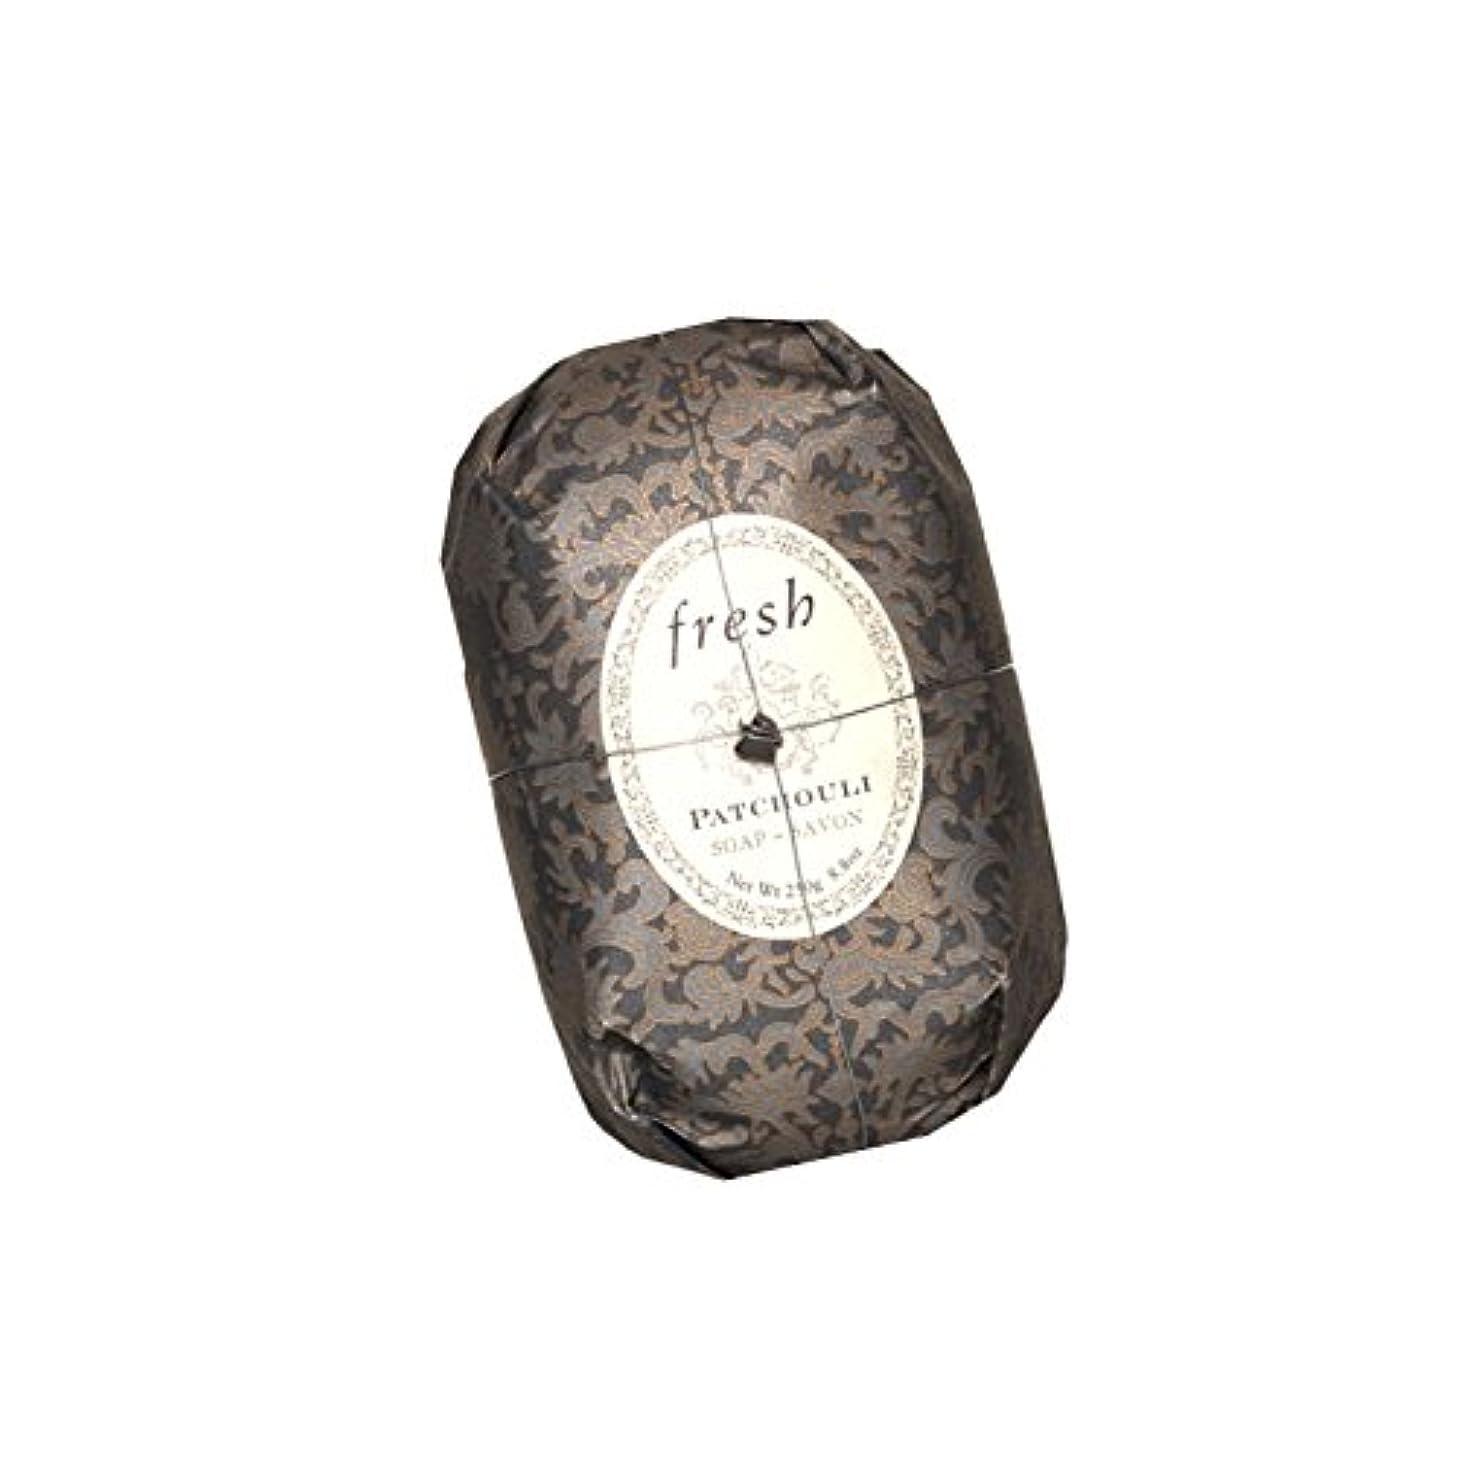 指紋頑丈ブリリアントFresh フレッシュ Patchouli Soap 石鹸, 250g/8.8oz. [海外直送品] [並行輸入品]